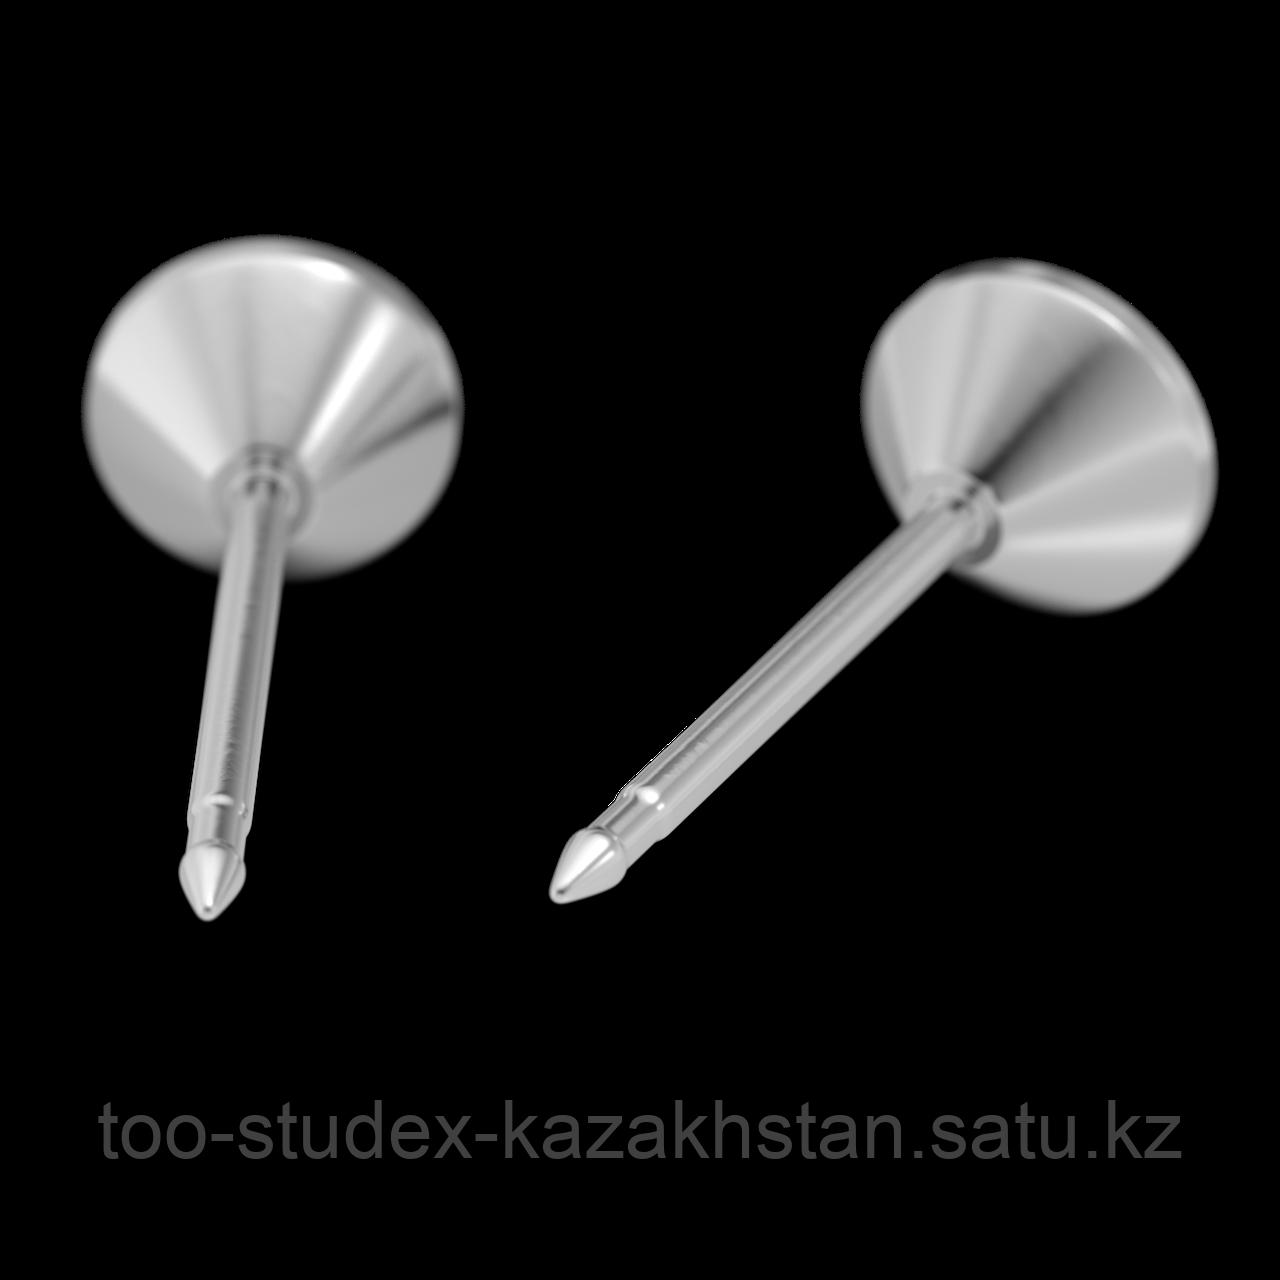 7522-4608 Серьги для прокола STUDEX System75 Зеленый кристалл с цирконом - фото 4